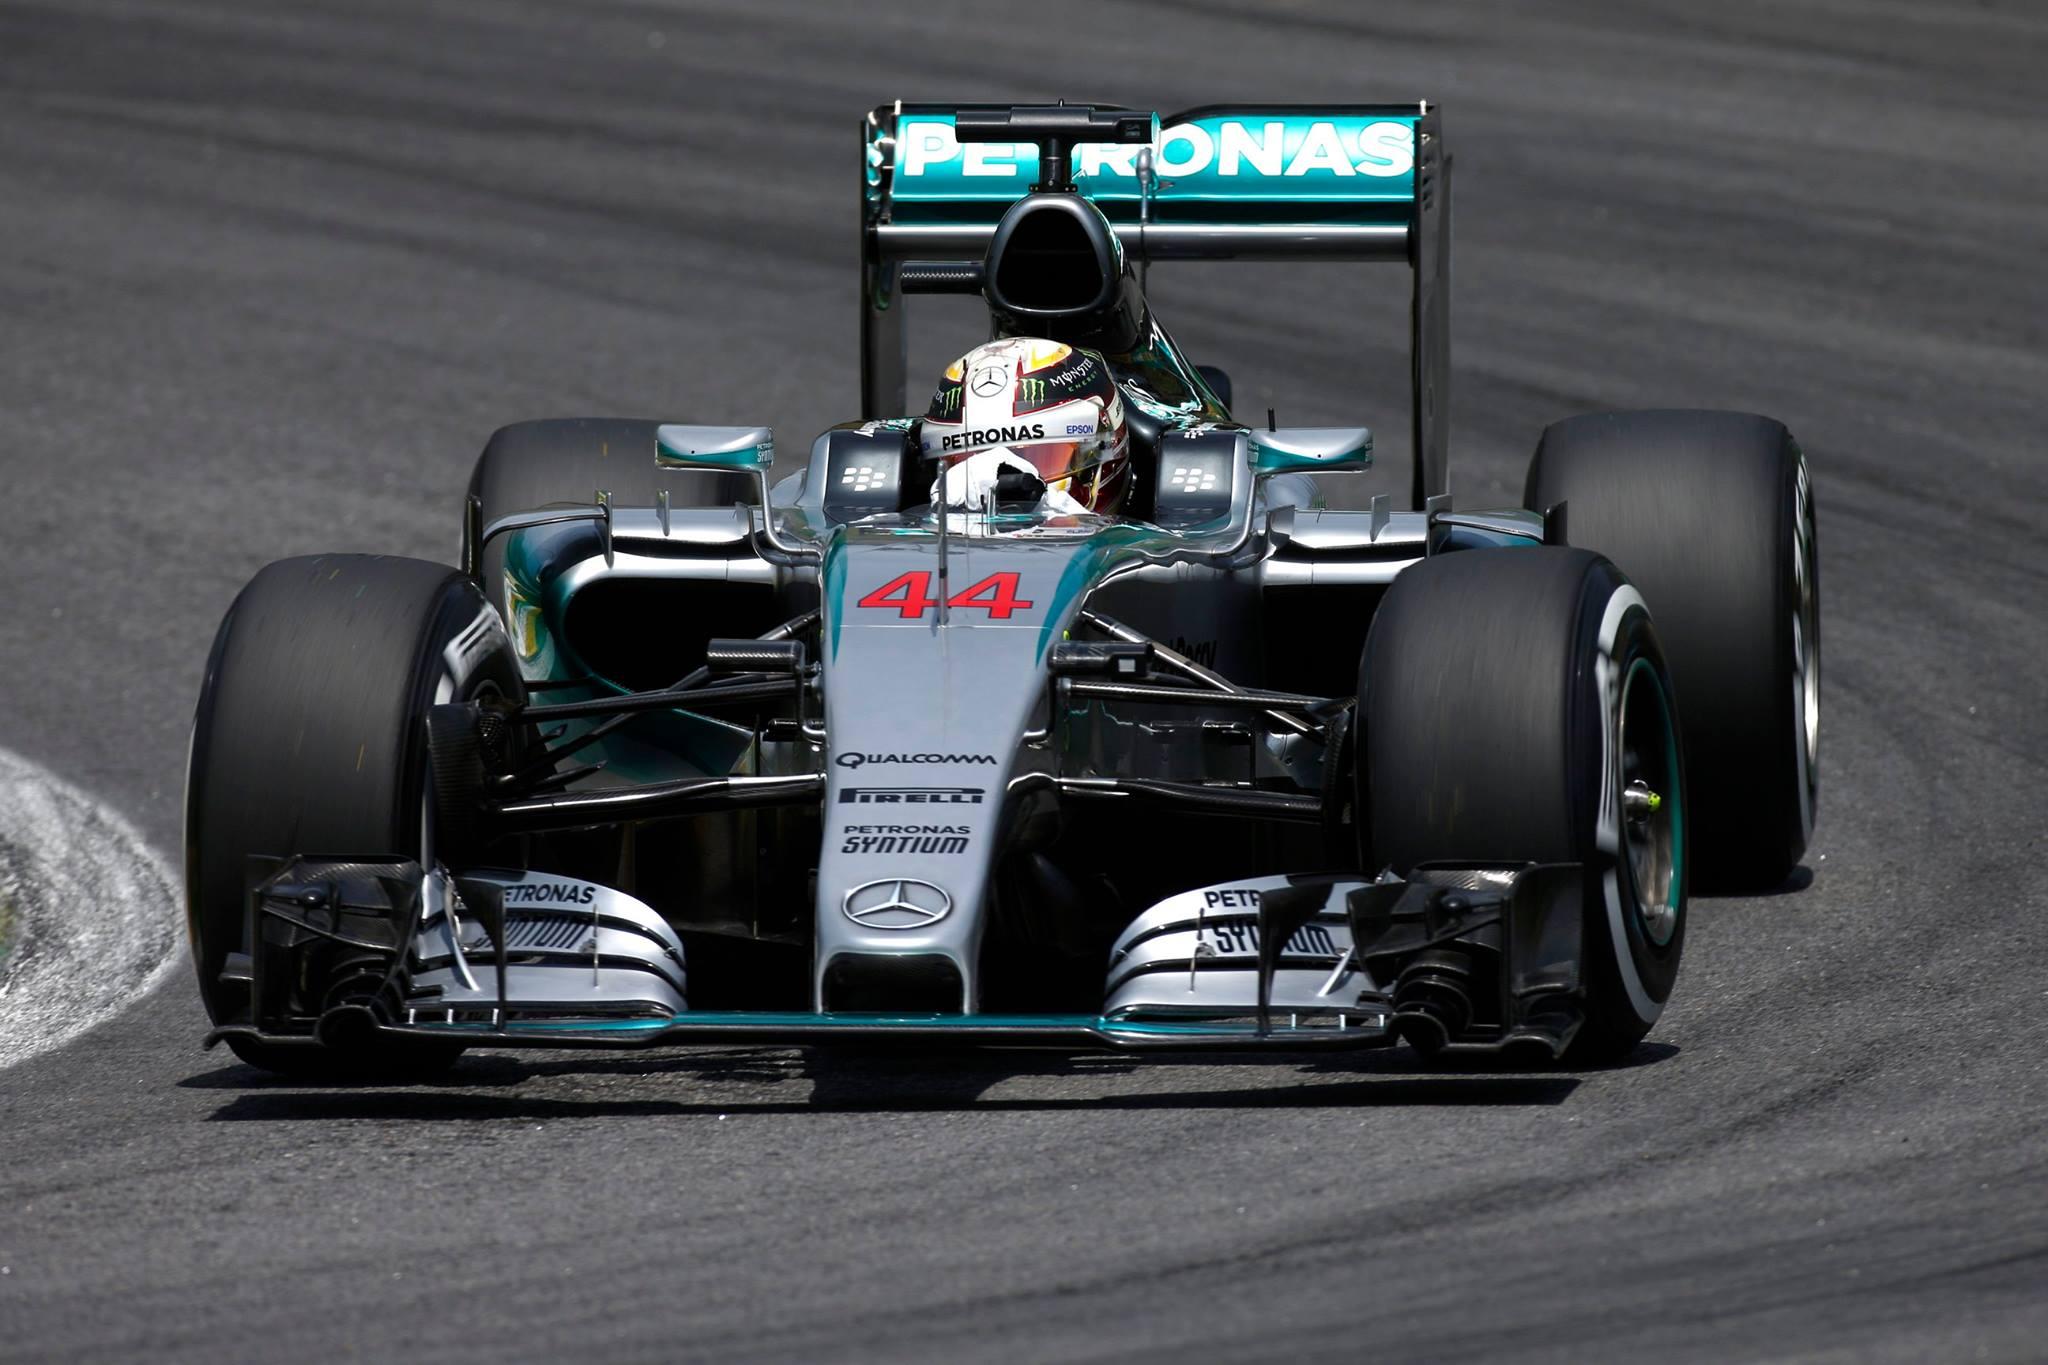 Hamilton Buscou a vitória